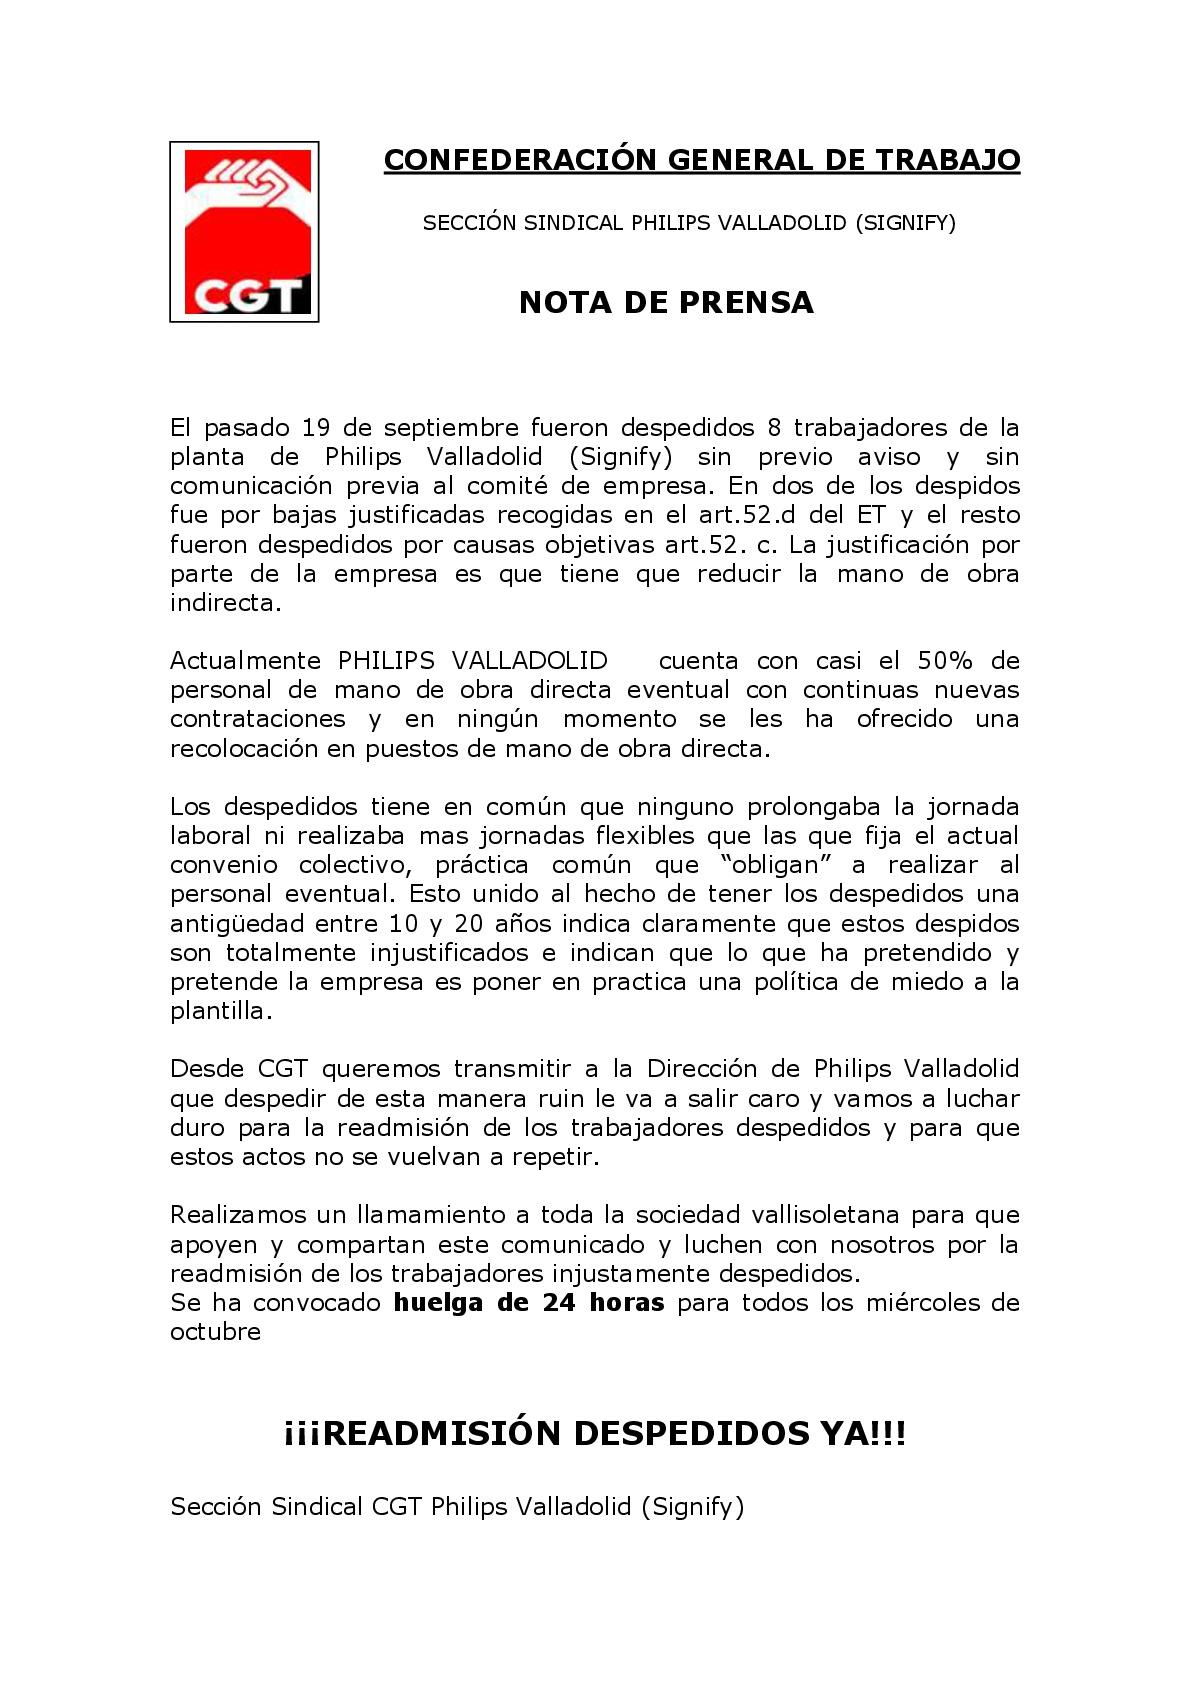 NOTA DE PRENSA HUELGA -001